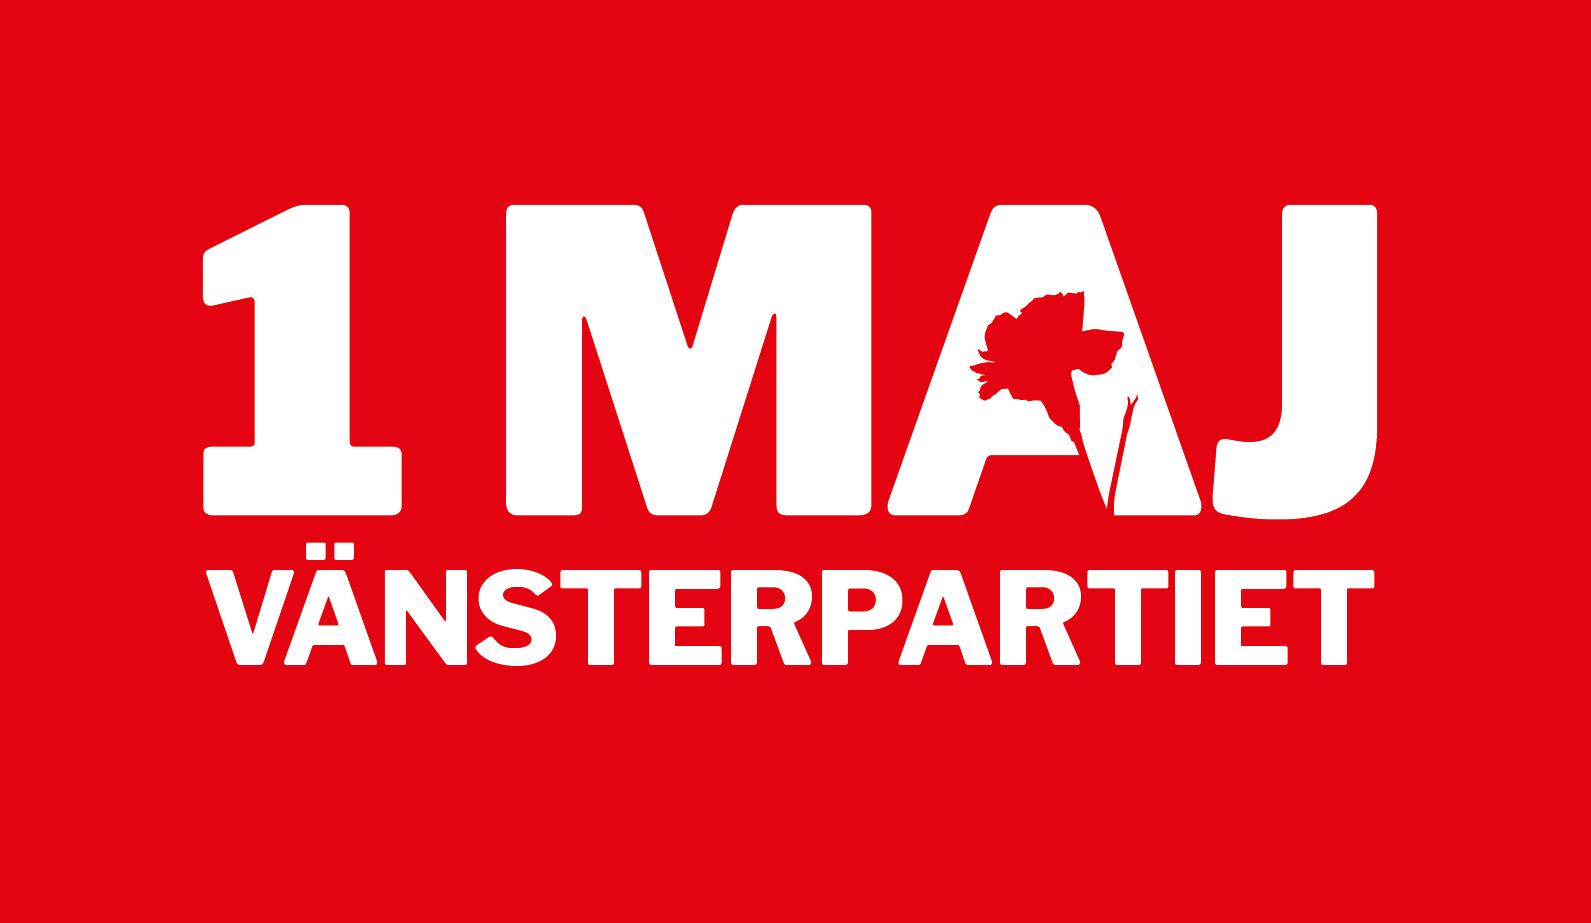 Röd bakgrund med text i vitt: 1 maj Vänsterpartiet. Hålet i bokstaven